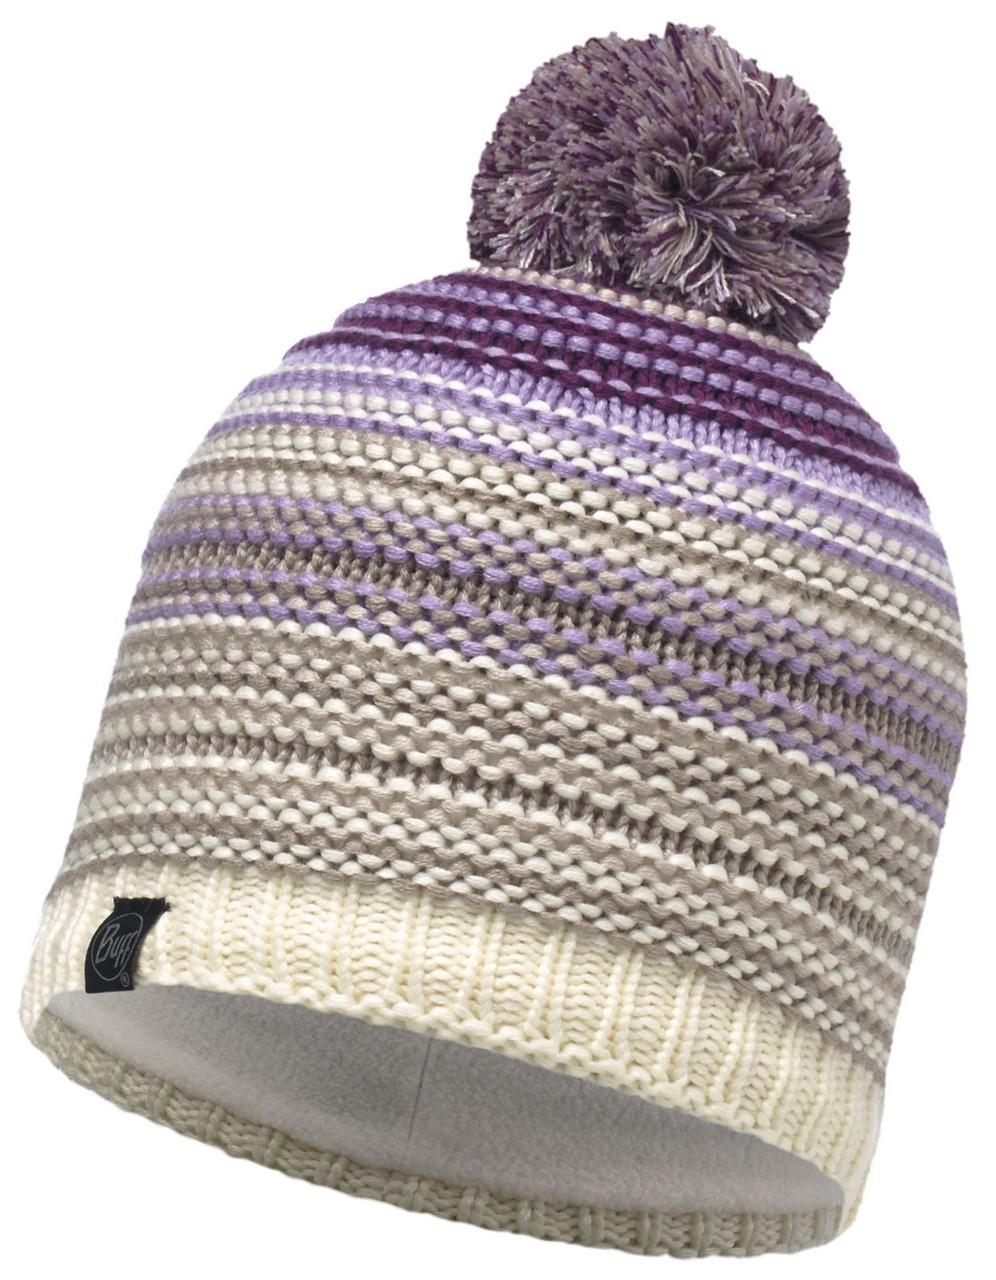 Шапки с помпоном Вязаная шапка с флисовой подкладкой Buff Neper Violet 113586.619.10.00.jpg